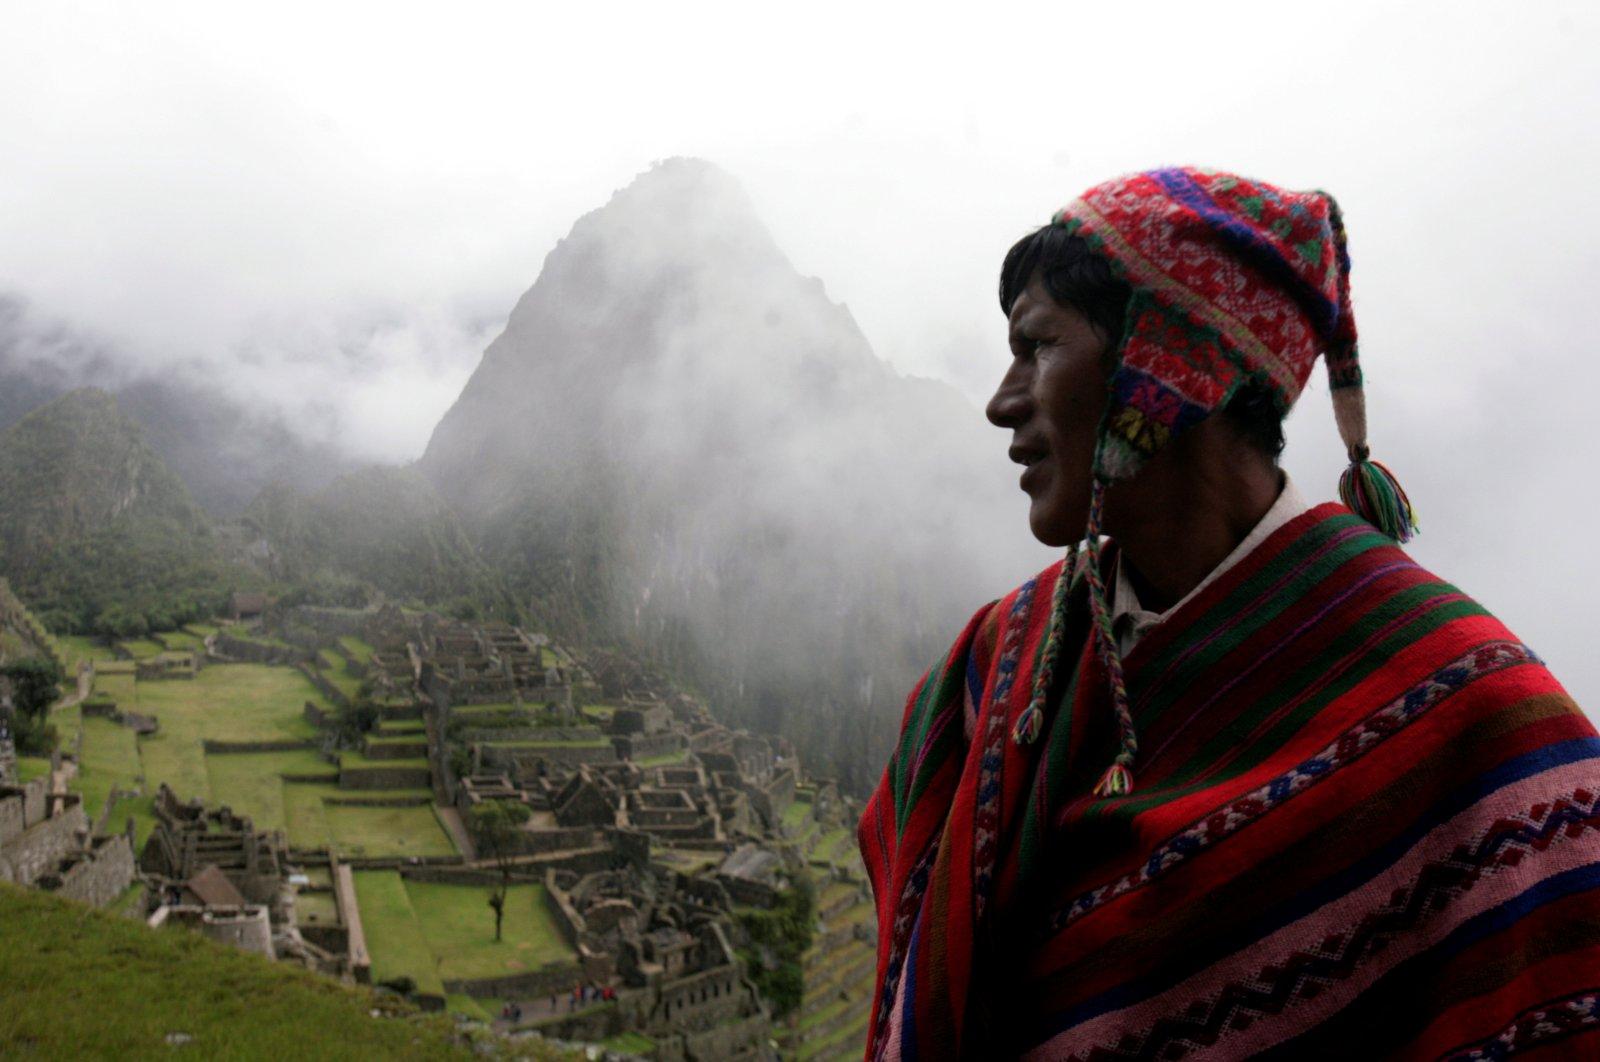 A Quechua musician stands next to the Machu Picchu ruins, Peru, April 1, 2010. (Reuters Photo)